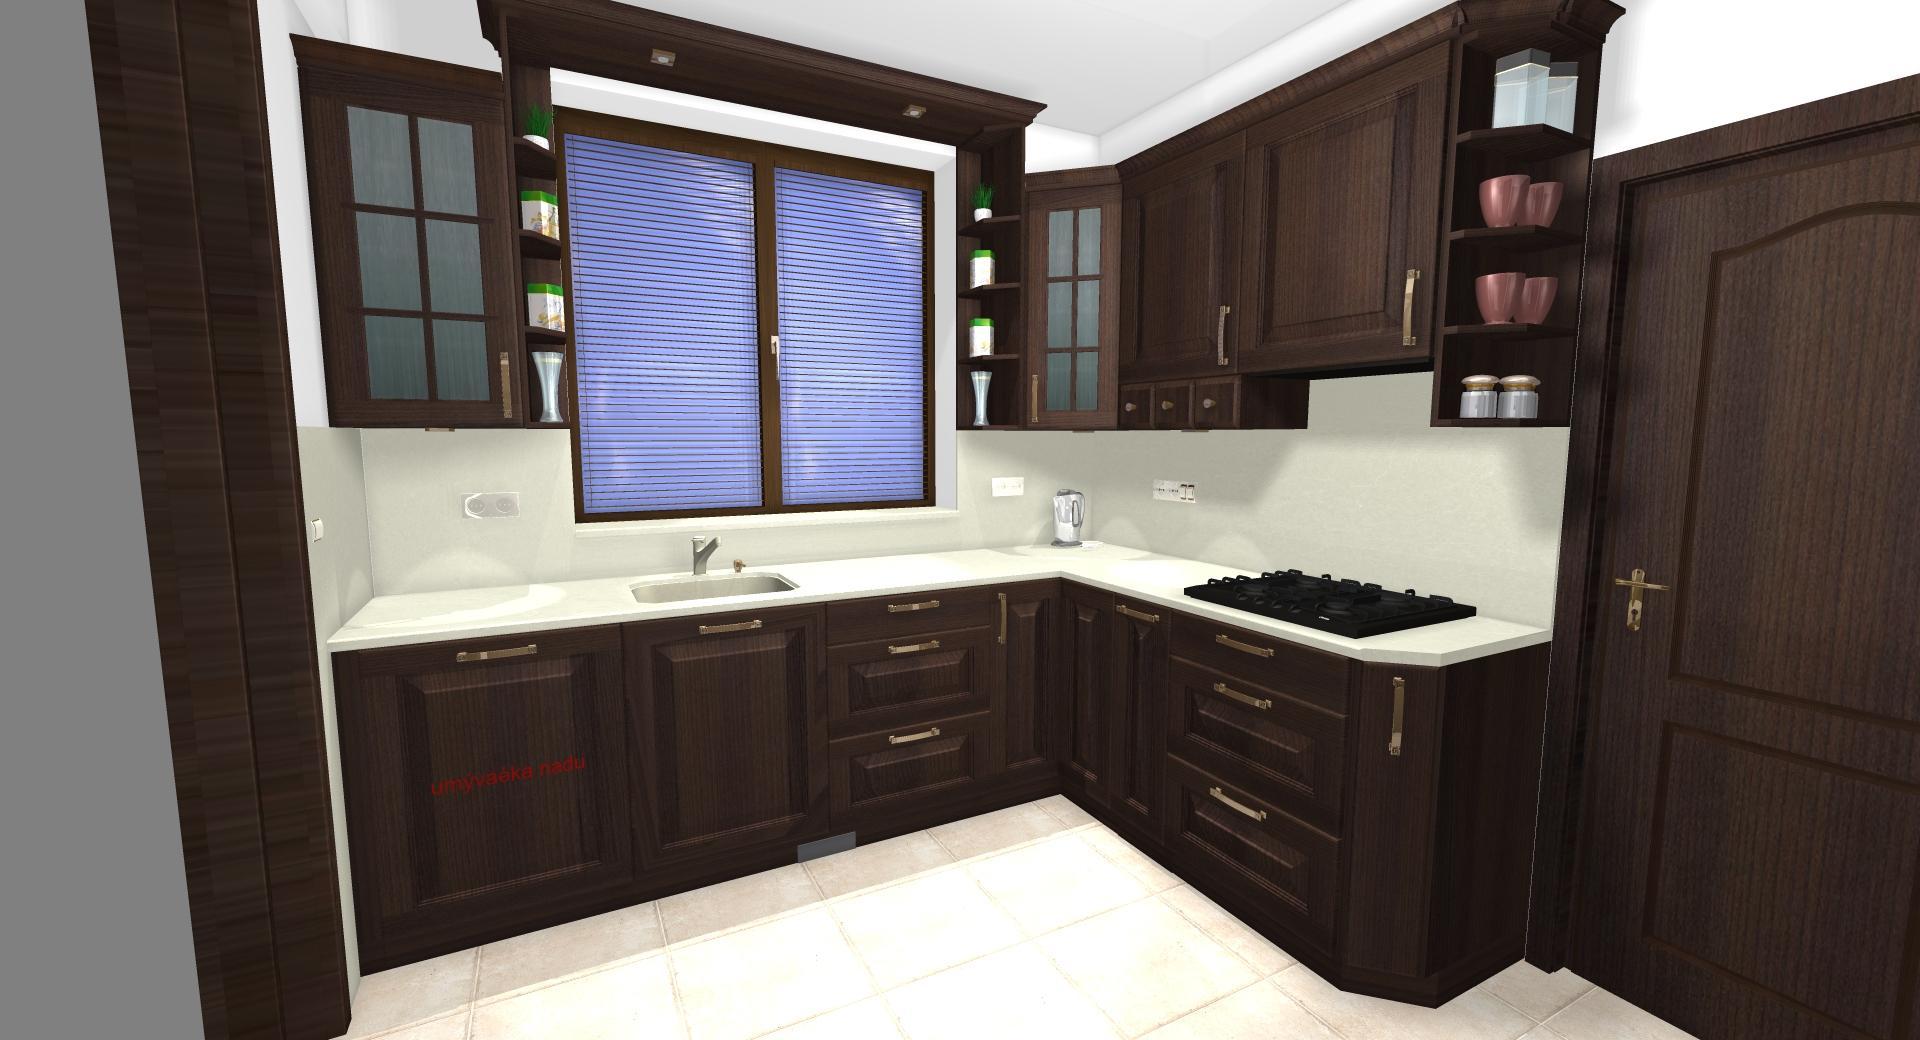 Grafické návrhy kuchynských liniek 2020 - Grafický návrh kuchynskej linky do rodinného domu v rustikálnom štýle - obr.2